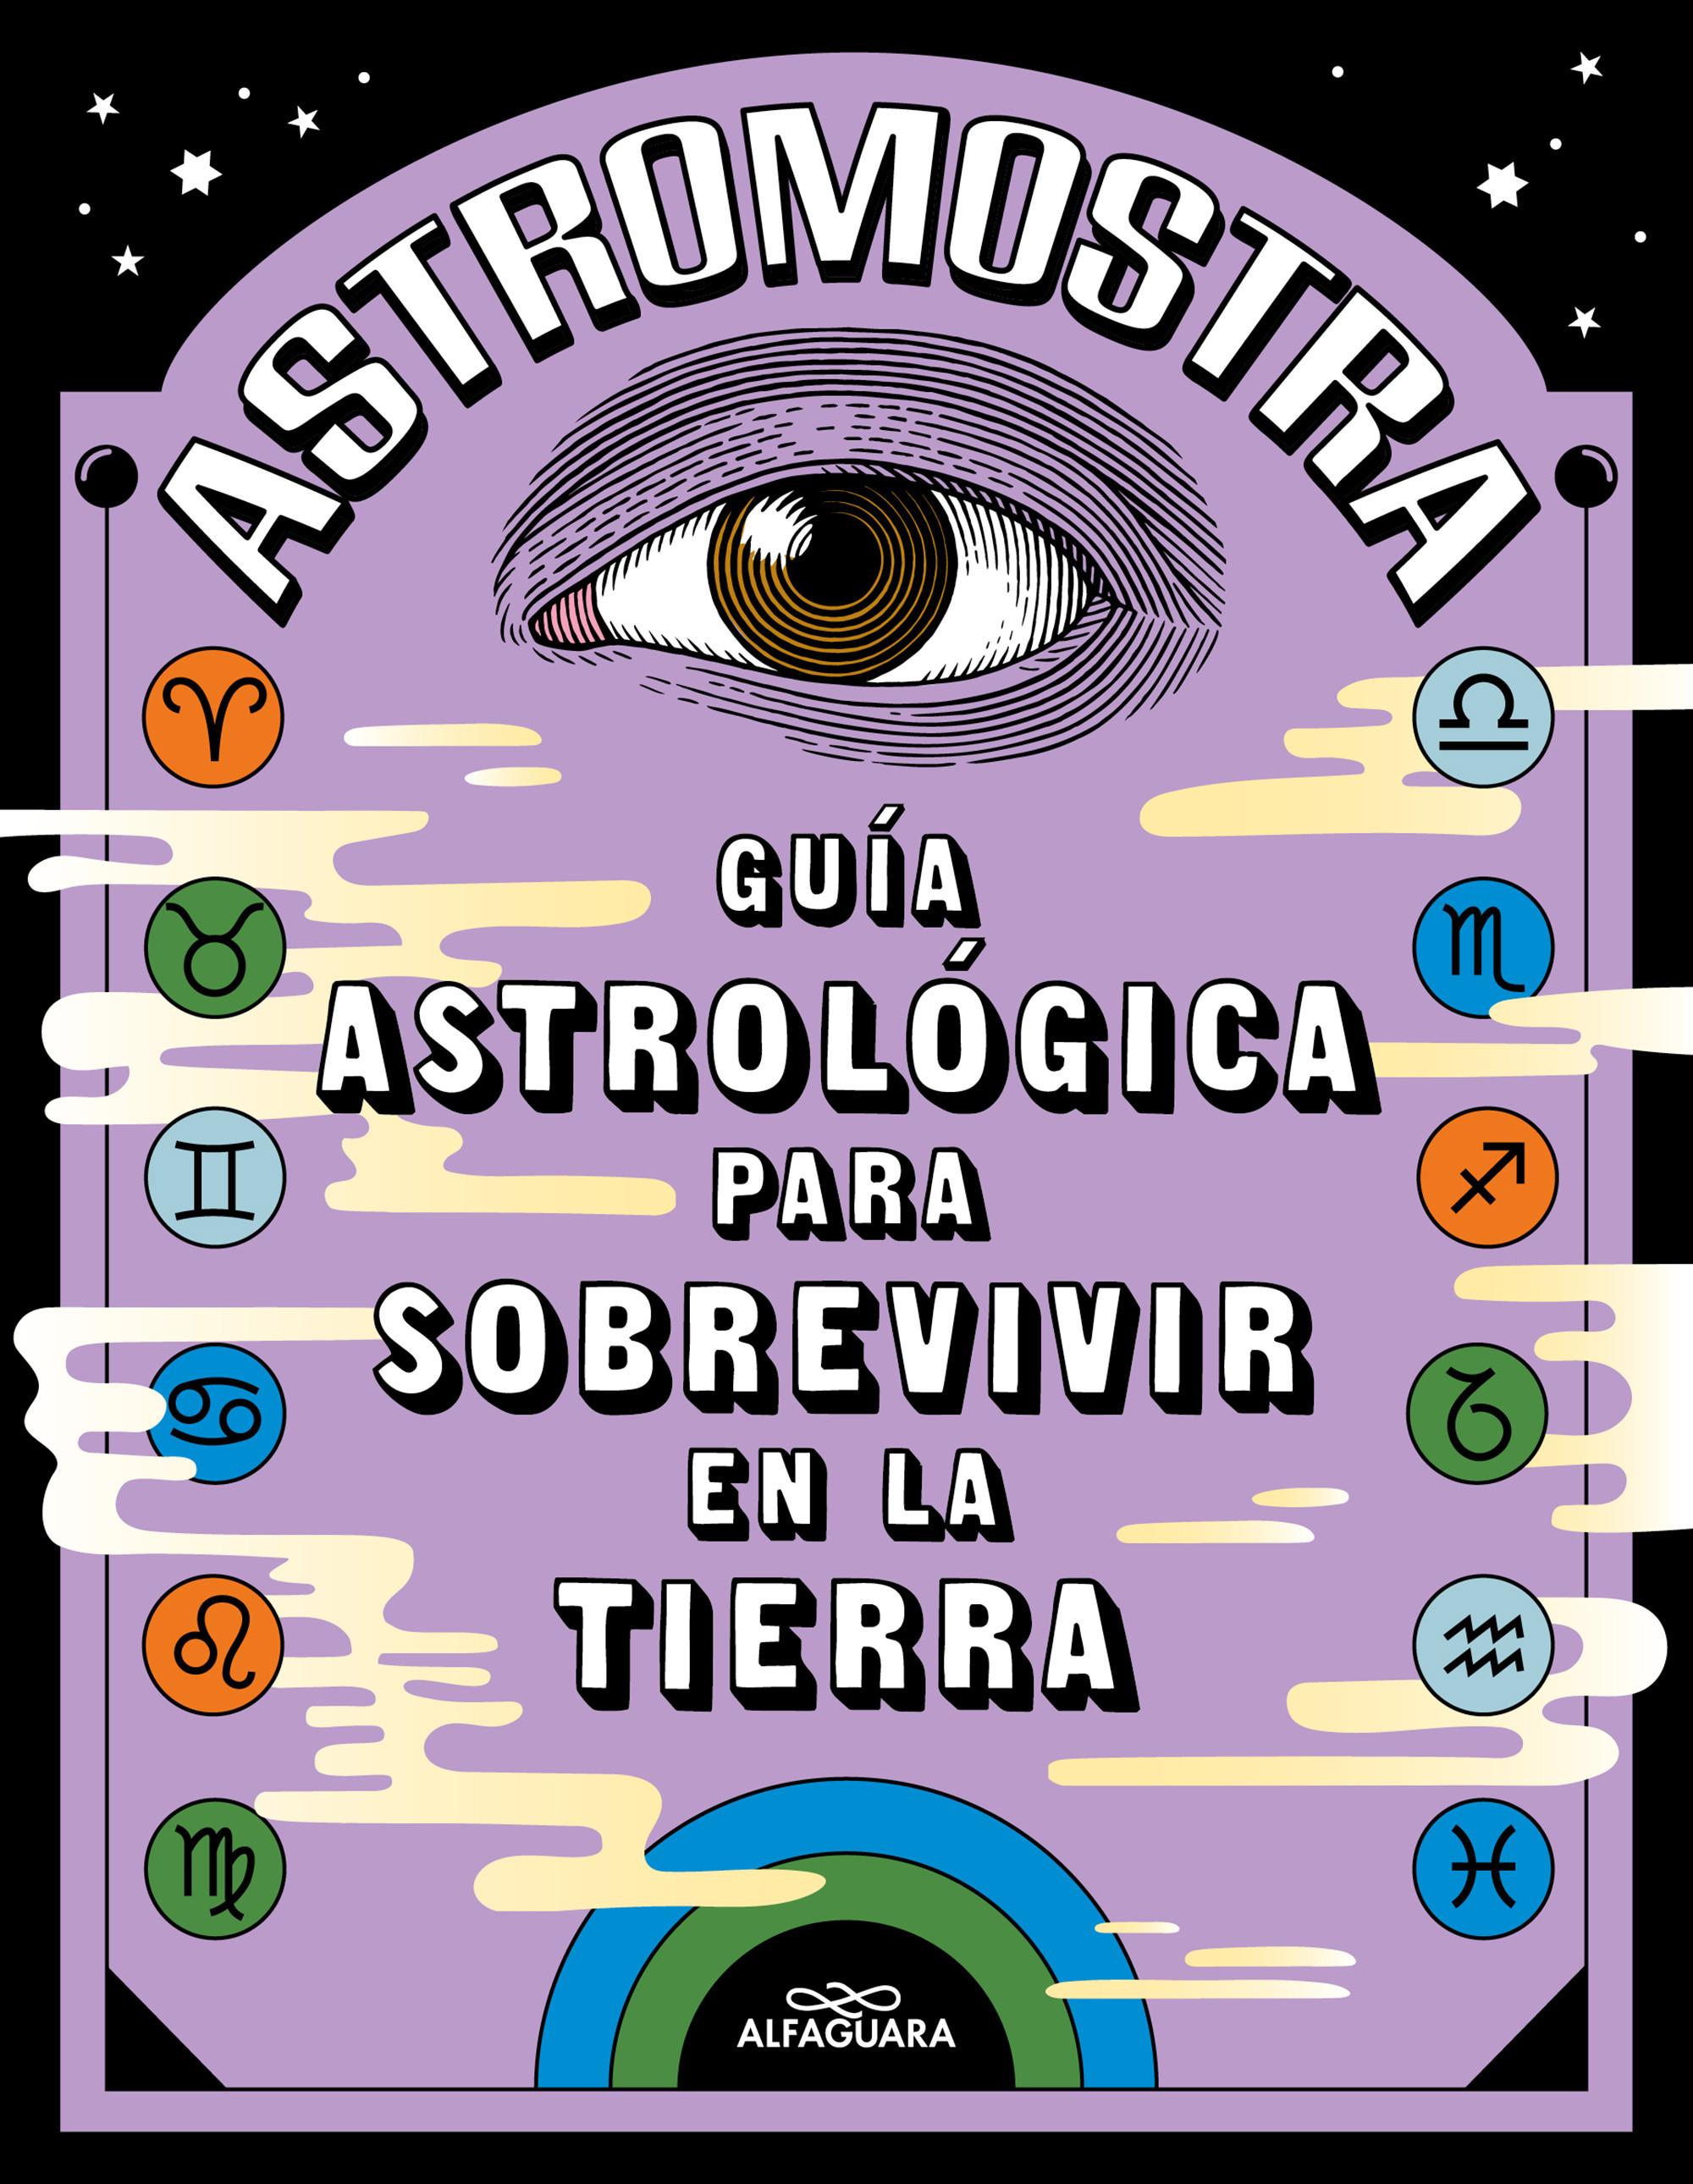 Guía astrológica para sobrevivir en la Tierra